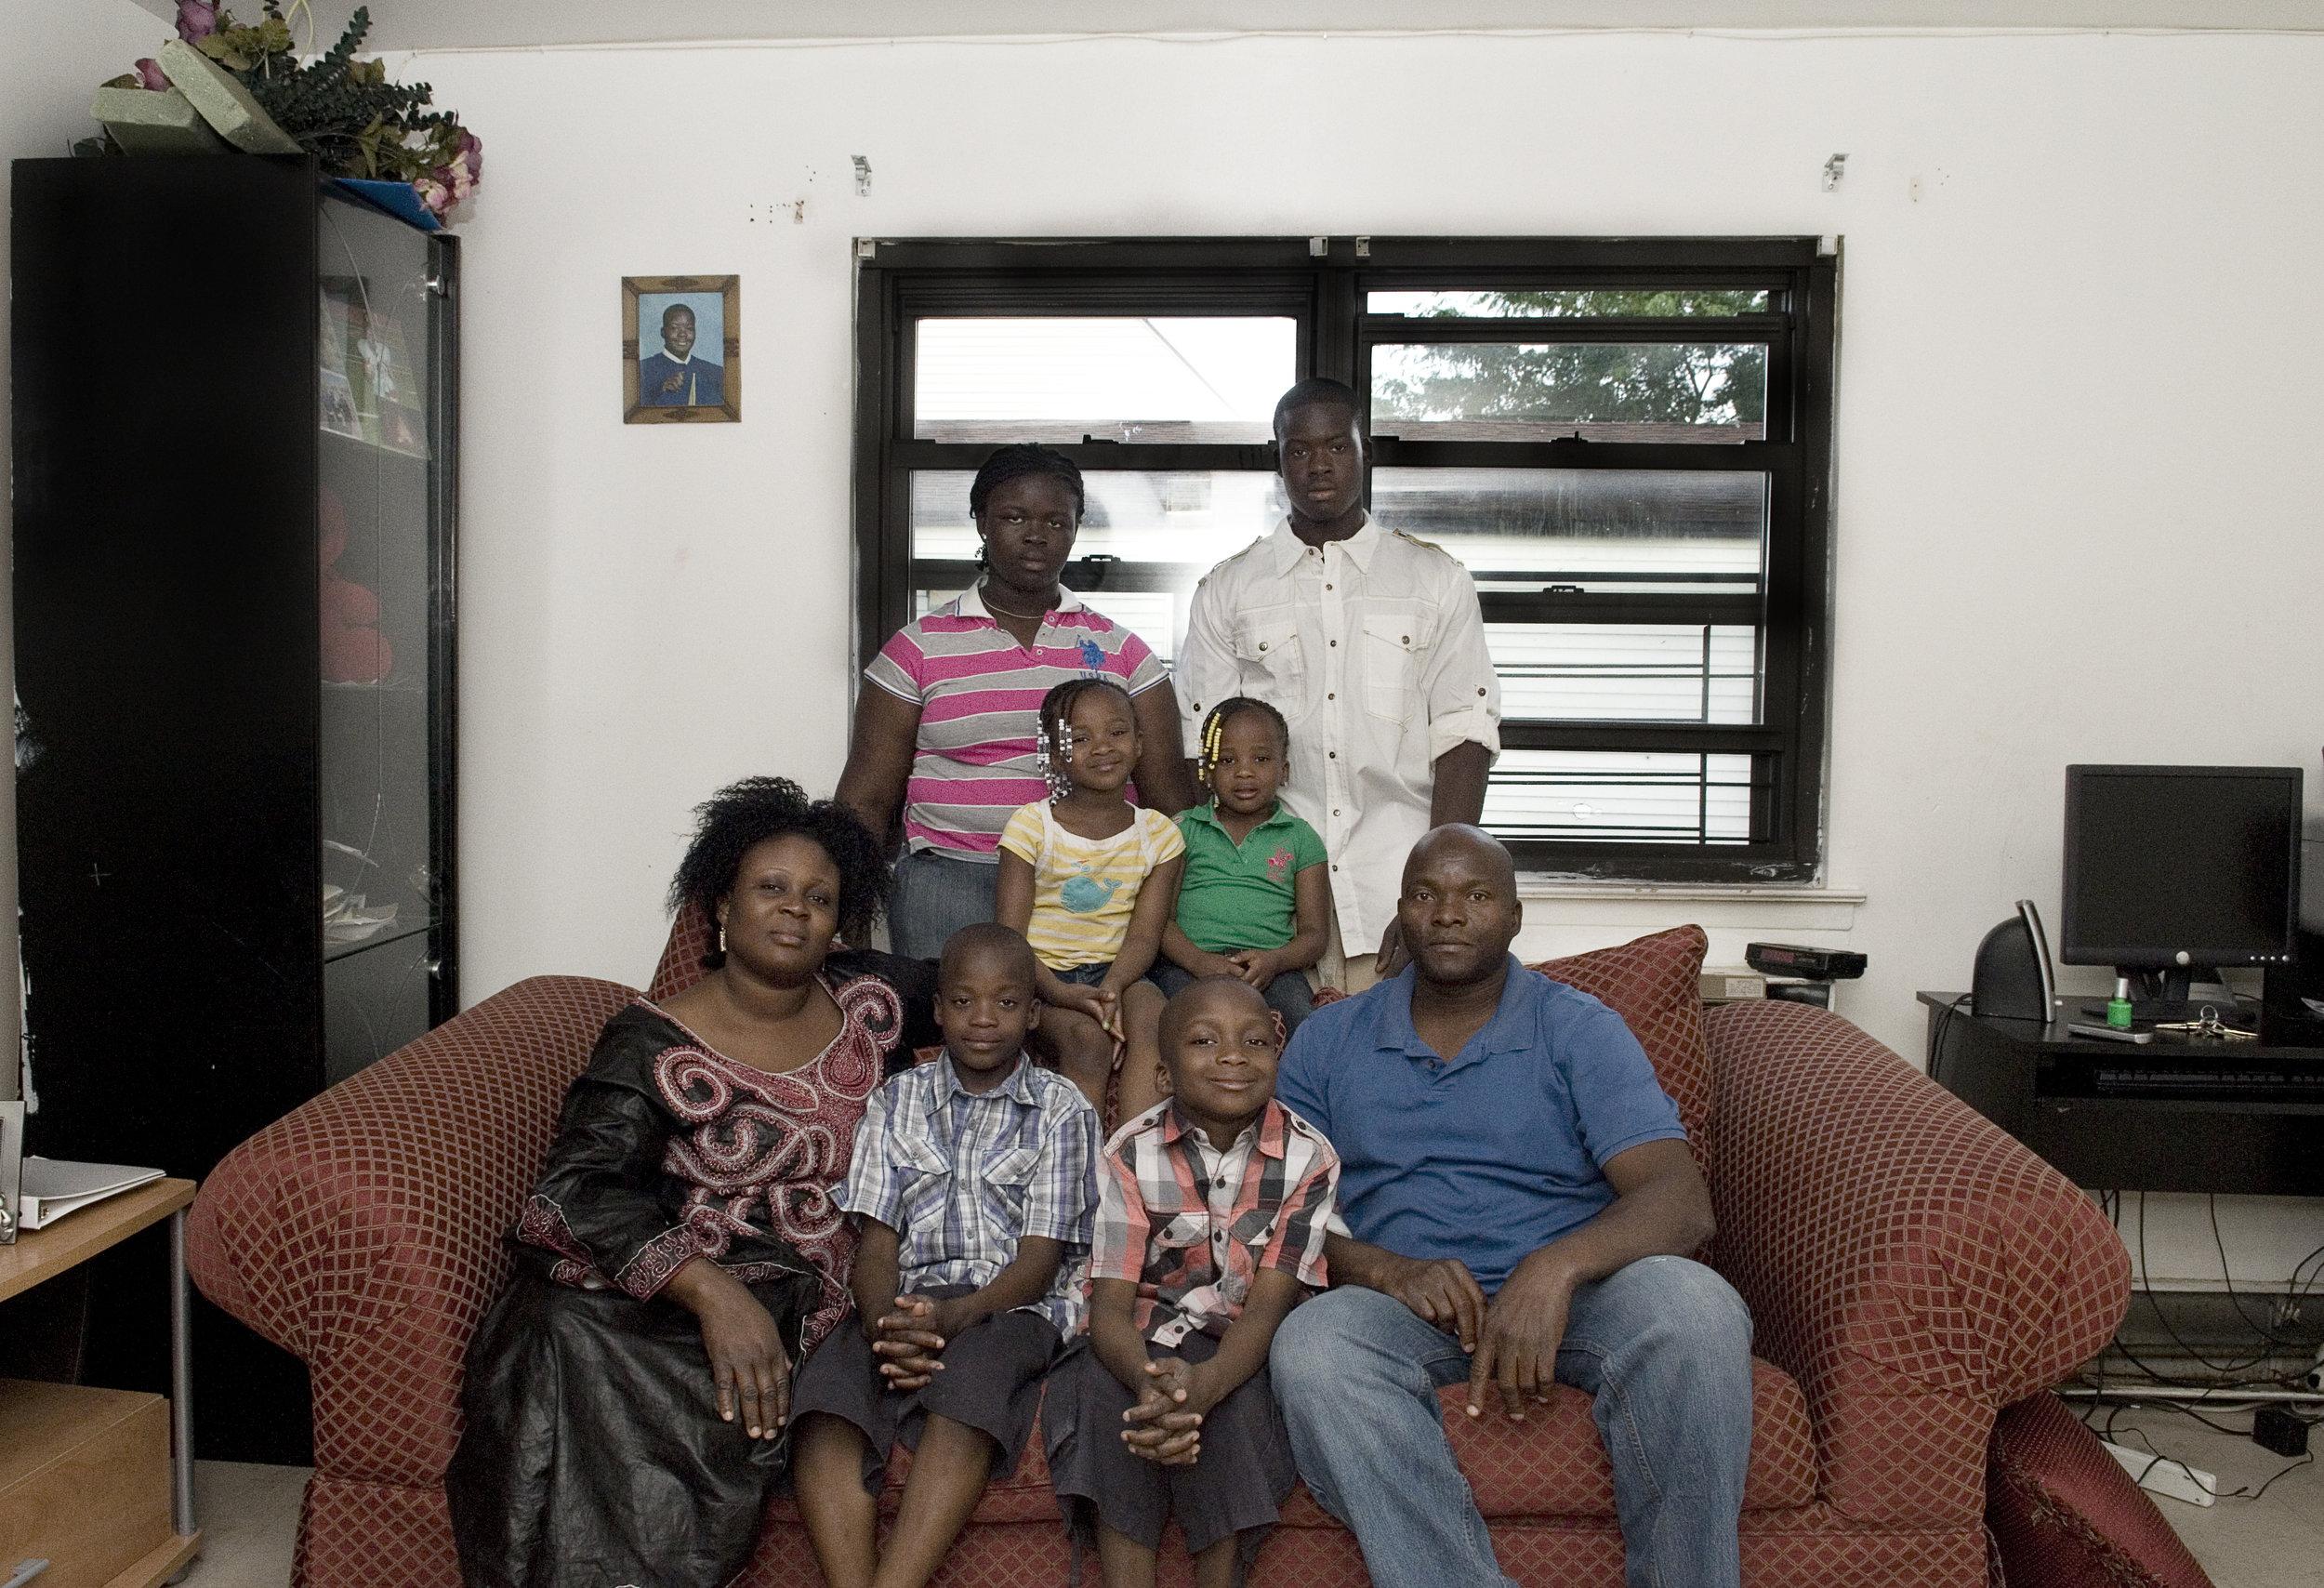 Kaba's family.